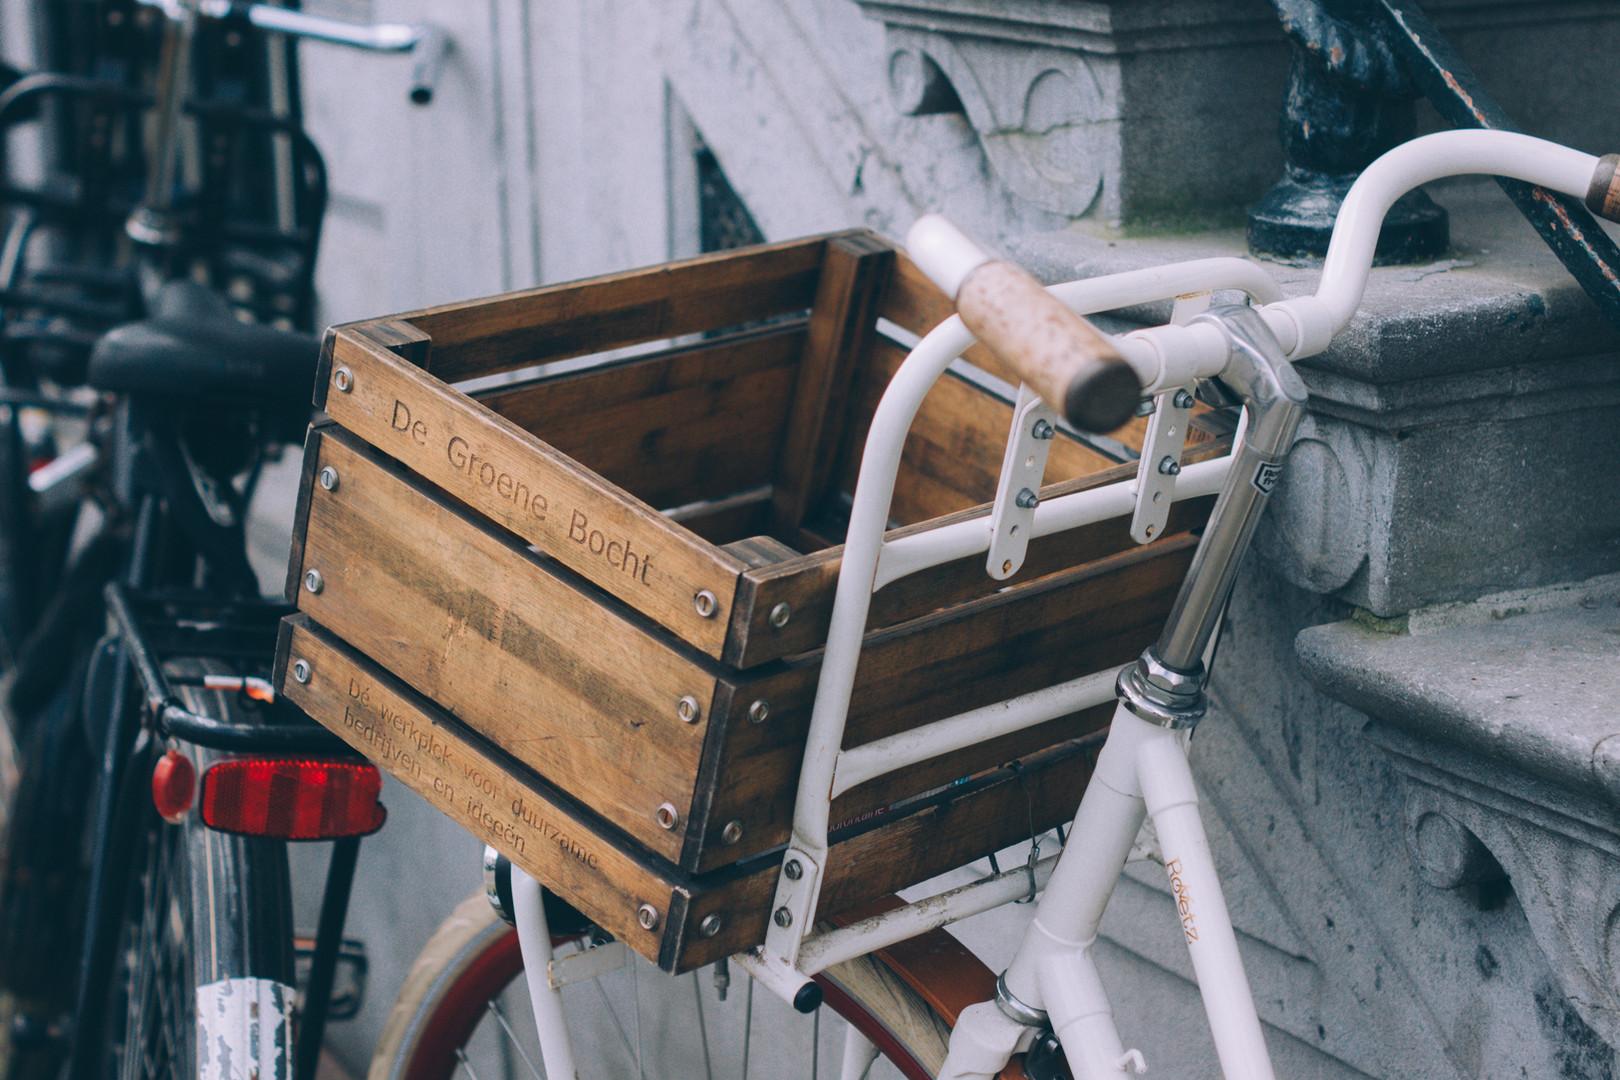 Fahrrad mit einem Korb